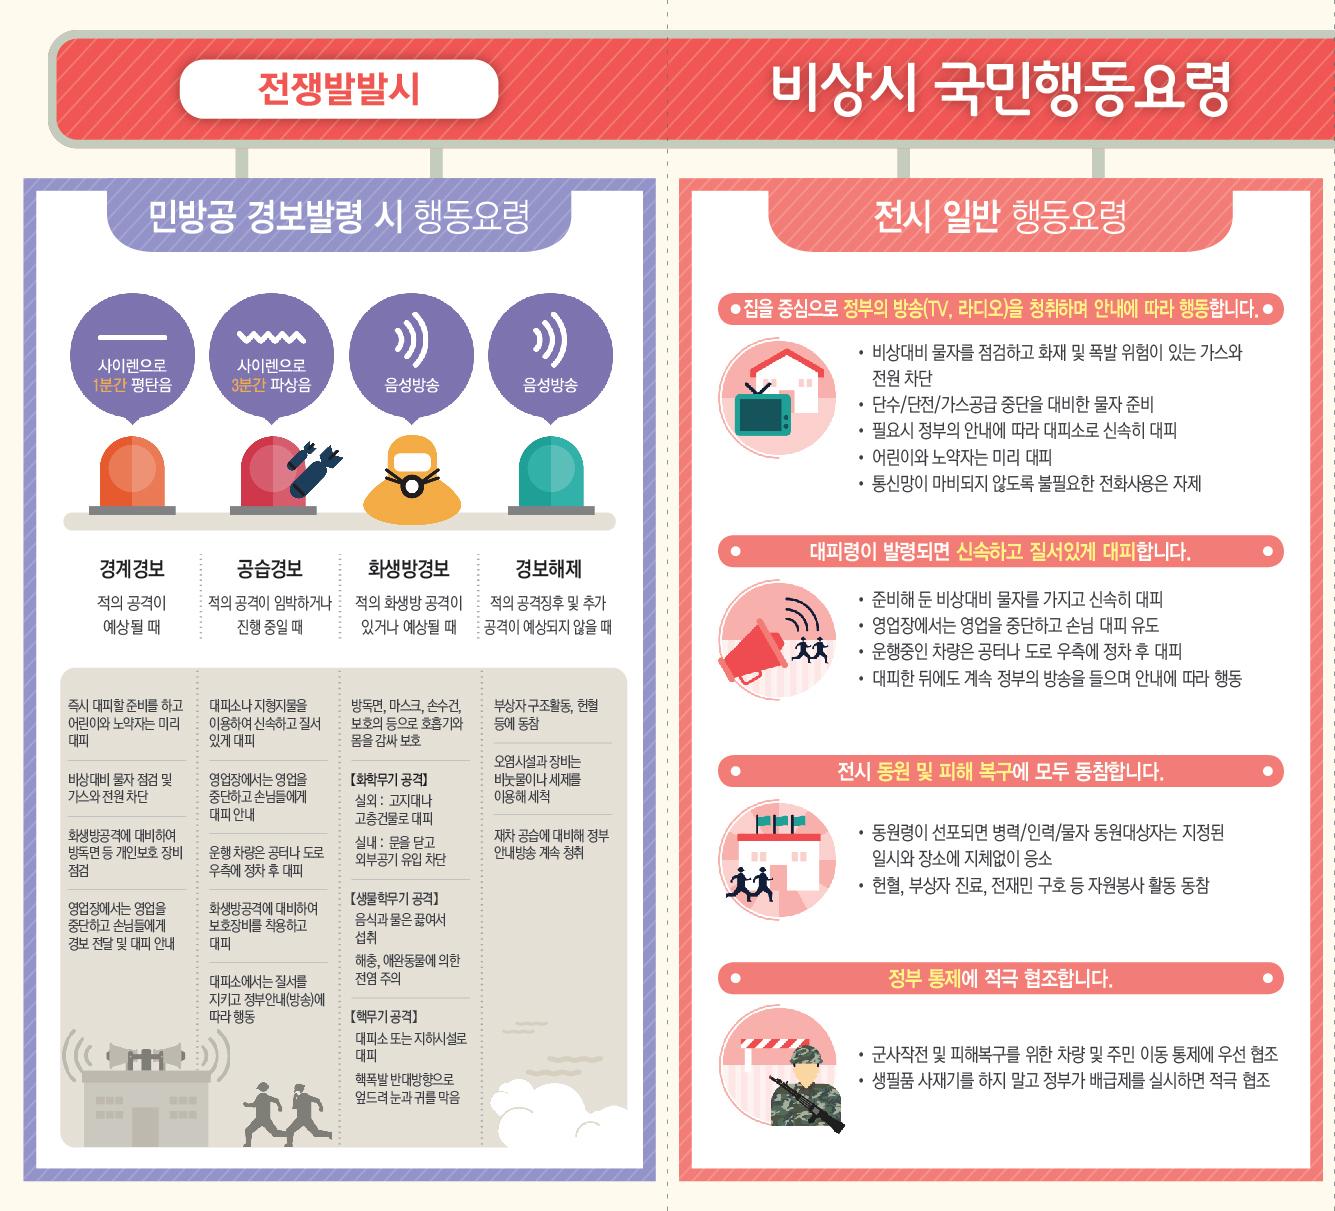 [붙임 4] 비상시 국민행동요령 홍보 리플릿_3페이지